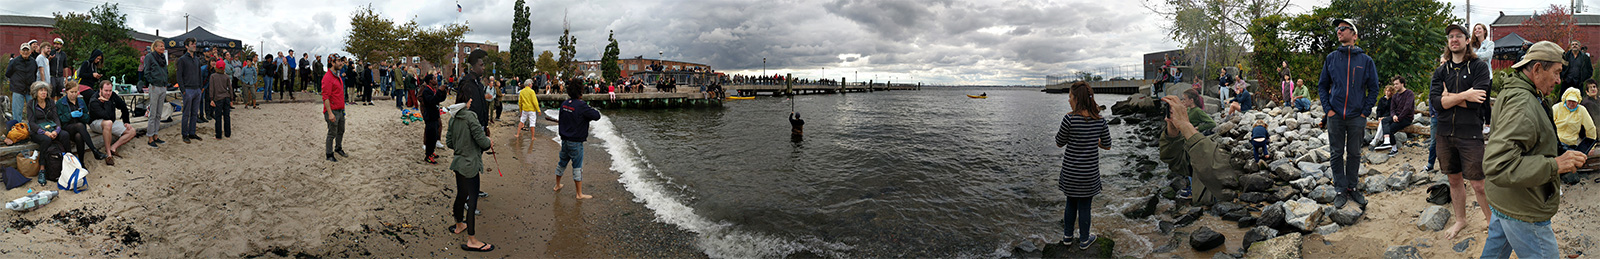 Boat3_Pano_v1